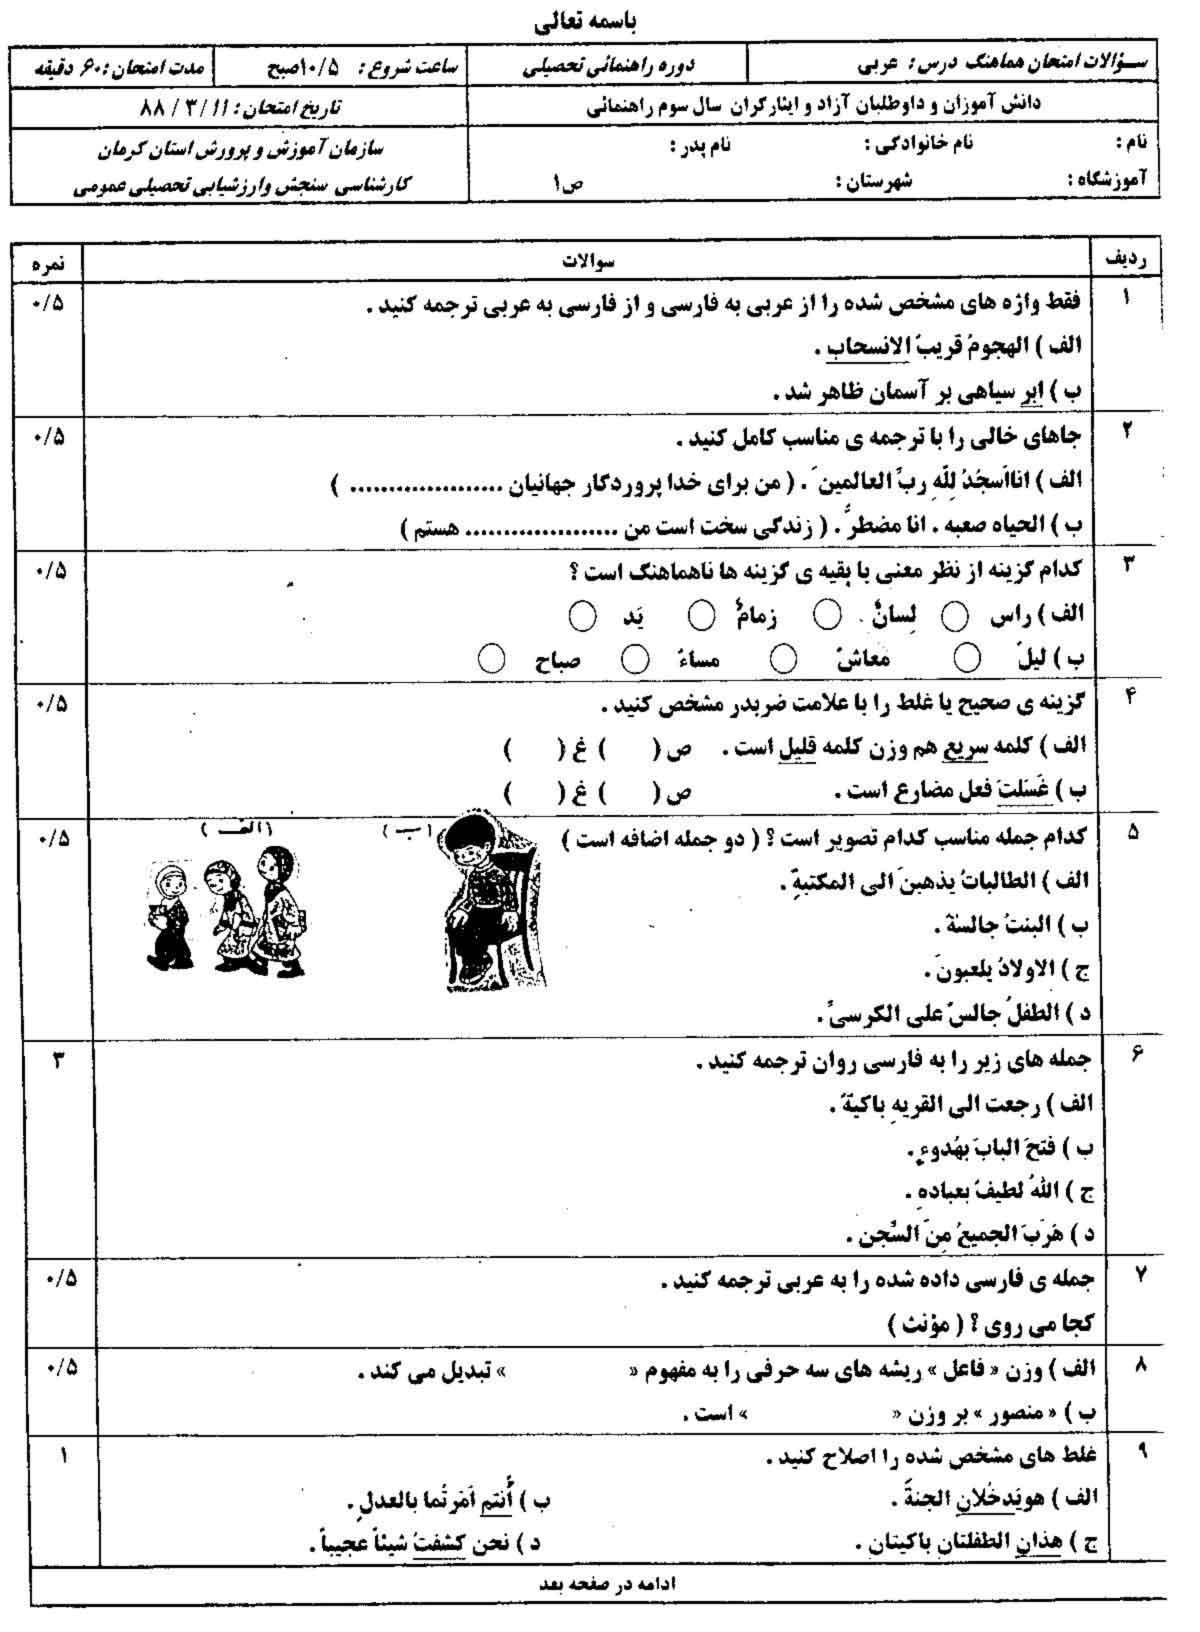 arabic1 نمونه سوالات درس عربی سوم راهنمایی